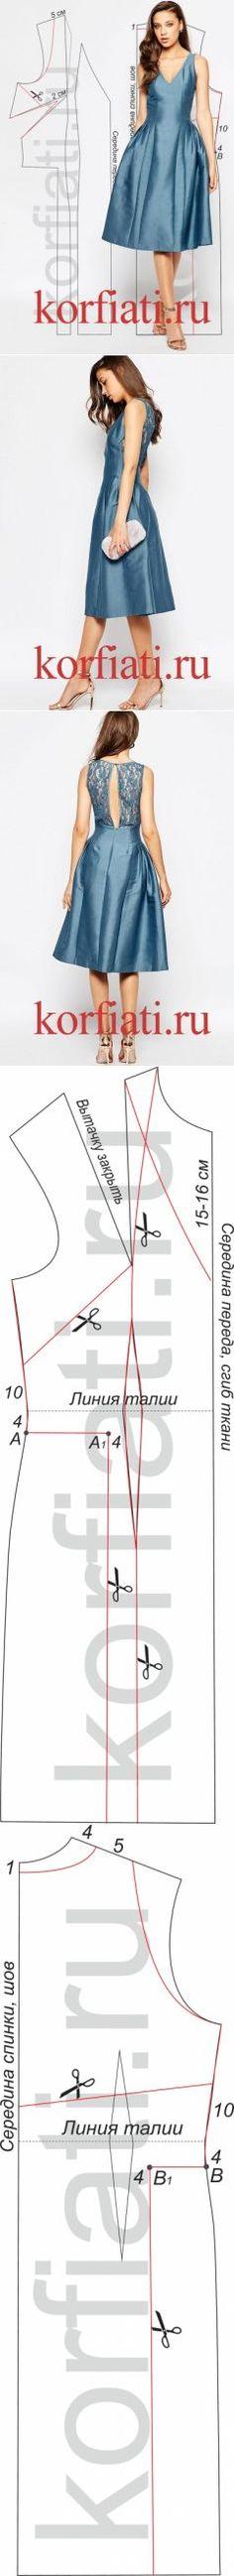 Выкройка платья с заниженной талией от А. Корфиати